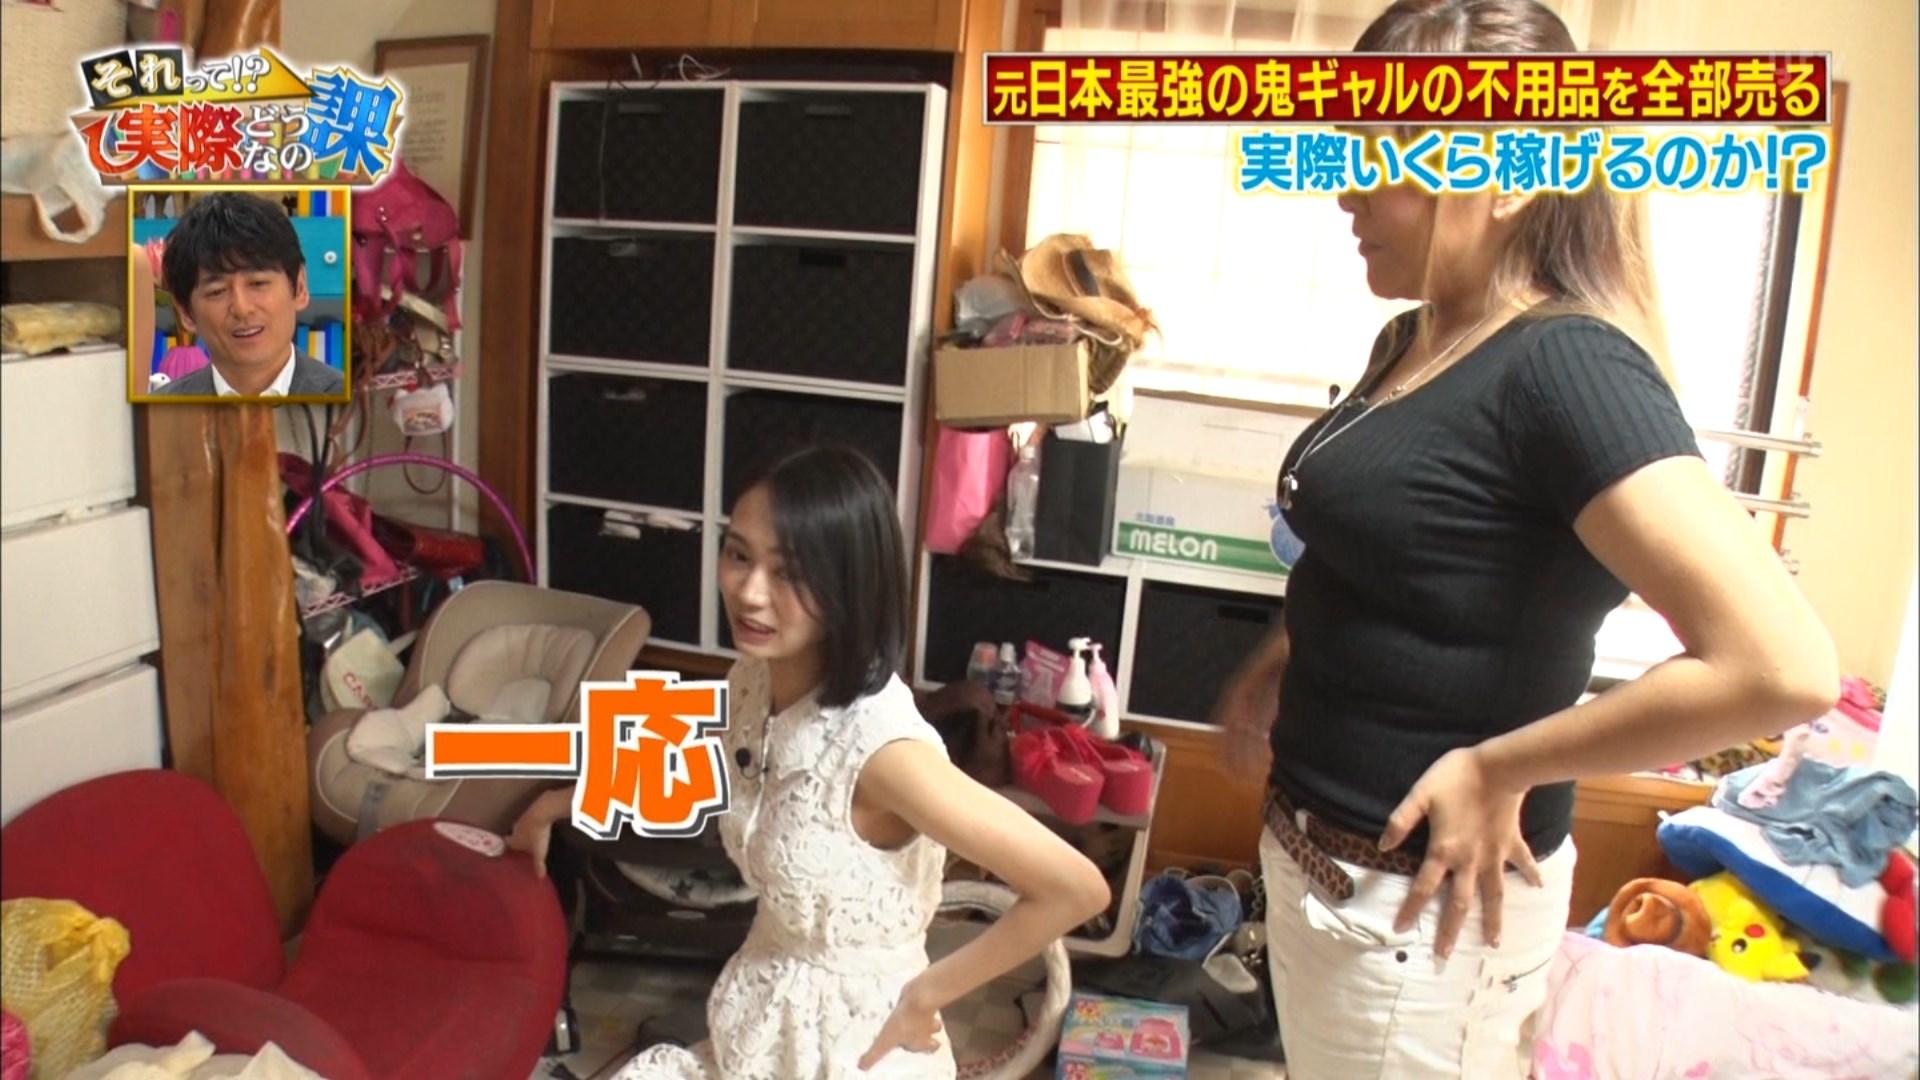 2019年9月11日に放送された「それって!?実際どうなの課」に出演したタレント・緑川静香さんのテレビキャプチャー画像-012